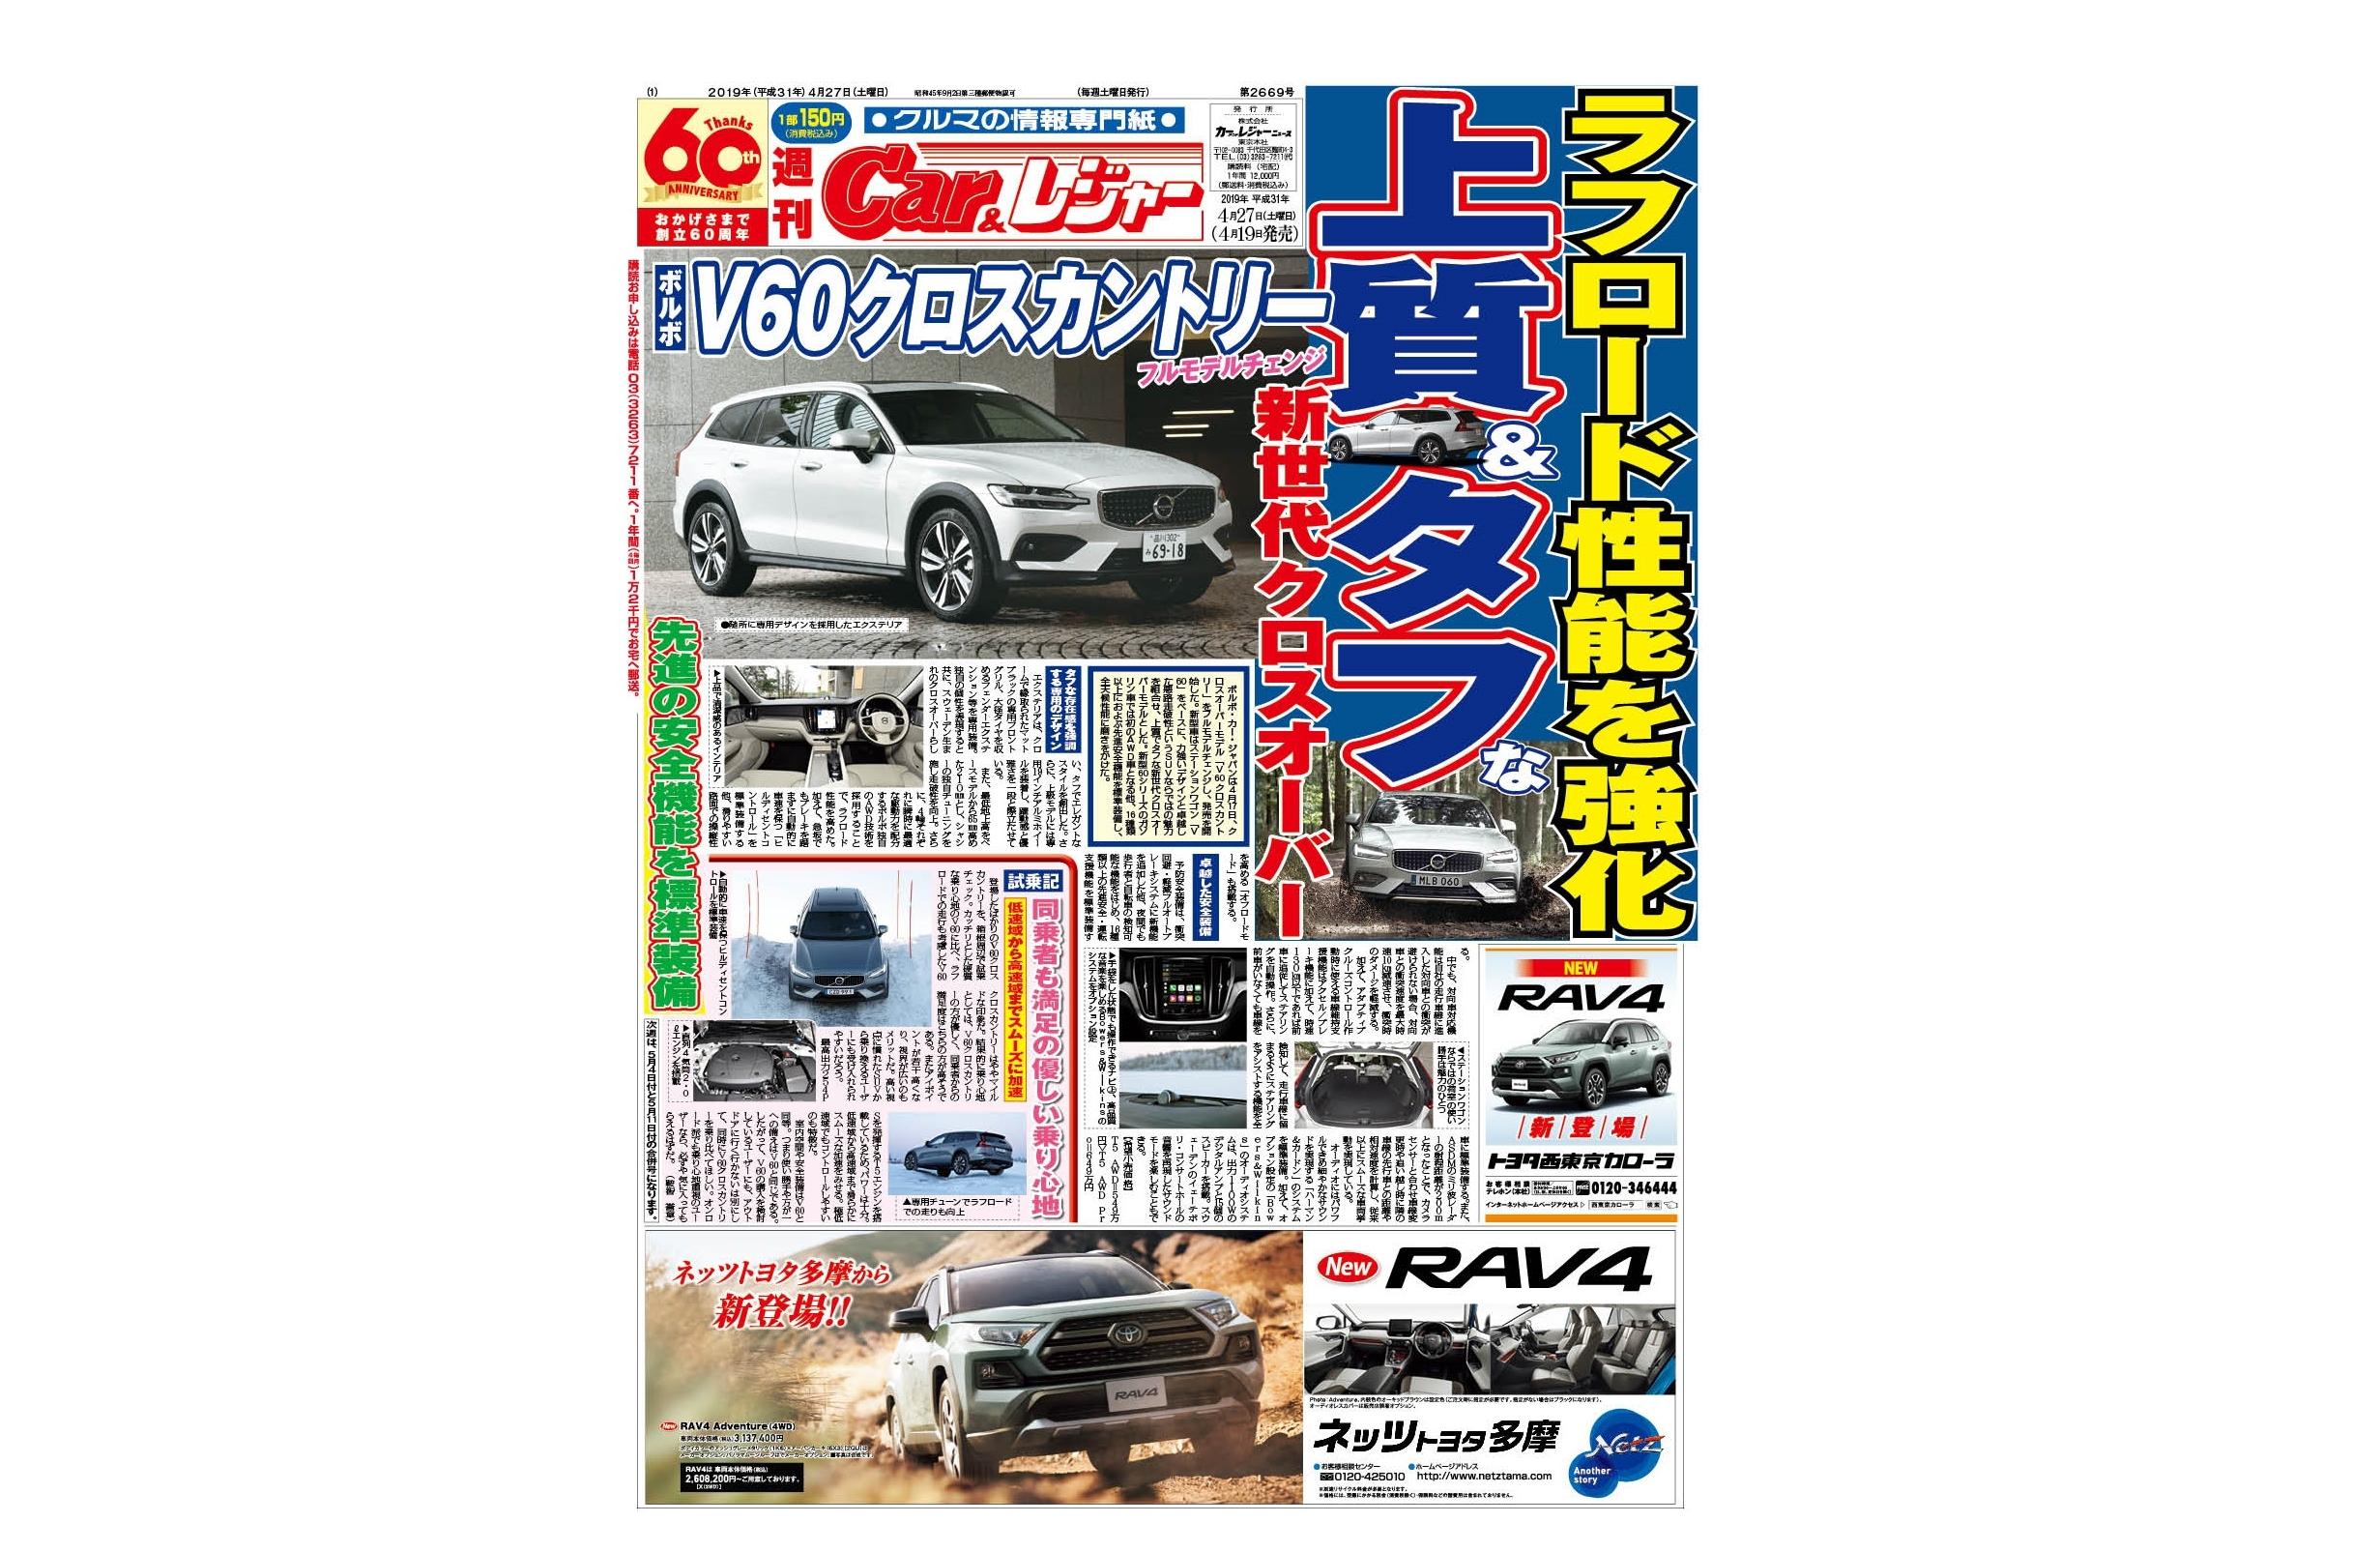 週刊Car&レジャー 第2669号 4月19日発売